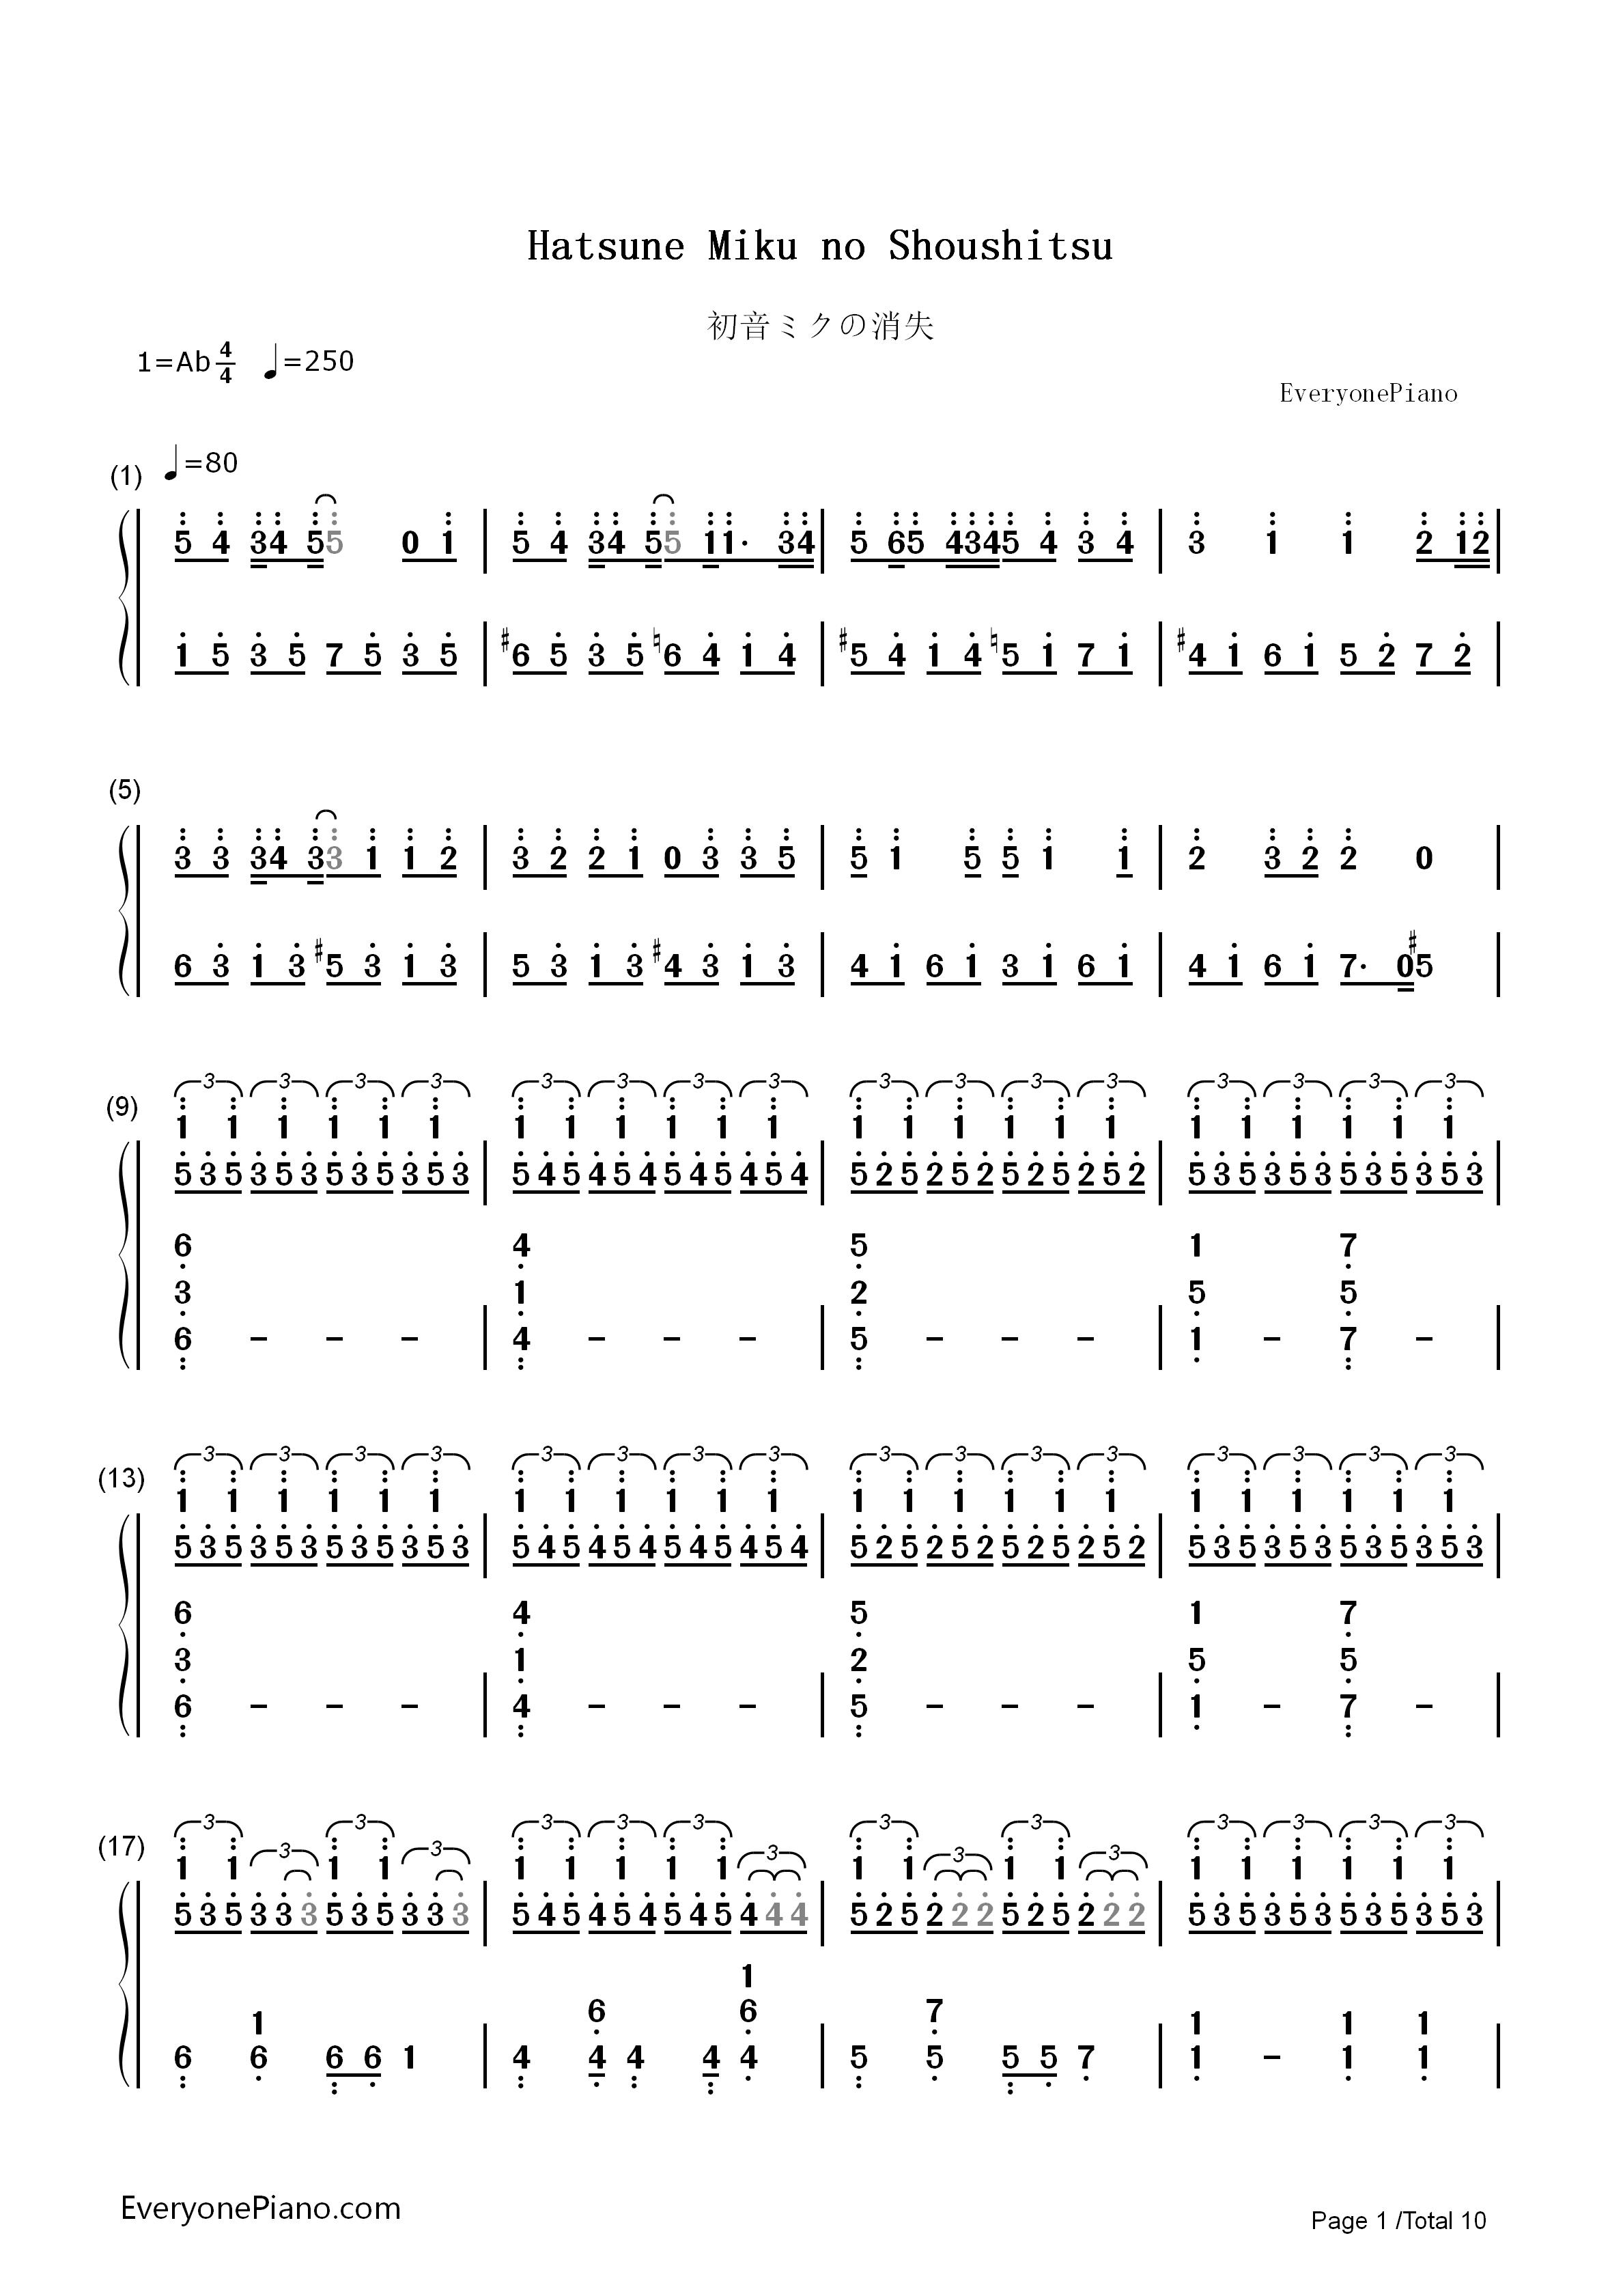 钢琴曲谱 动漫 初音未来的消失-初音ミクの消失-触手猴版本 初音未来